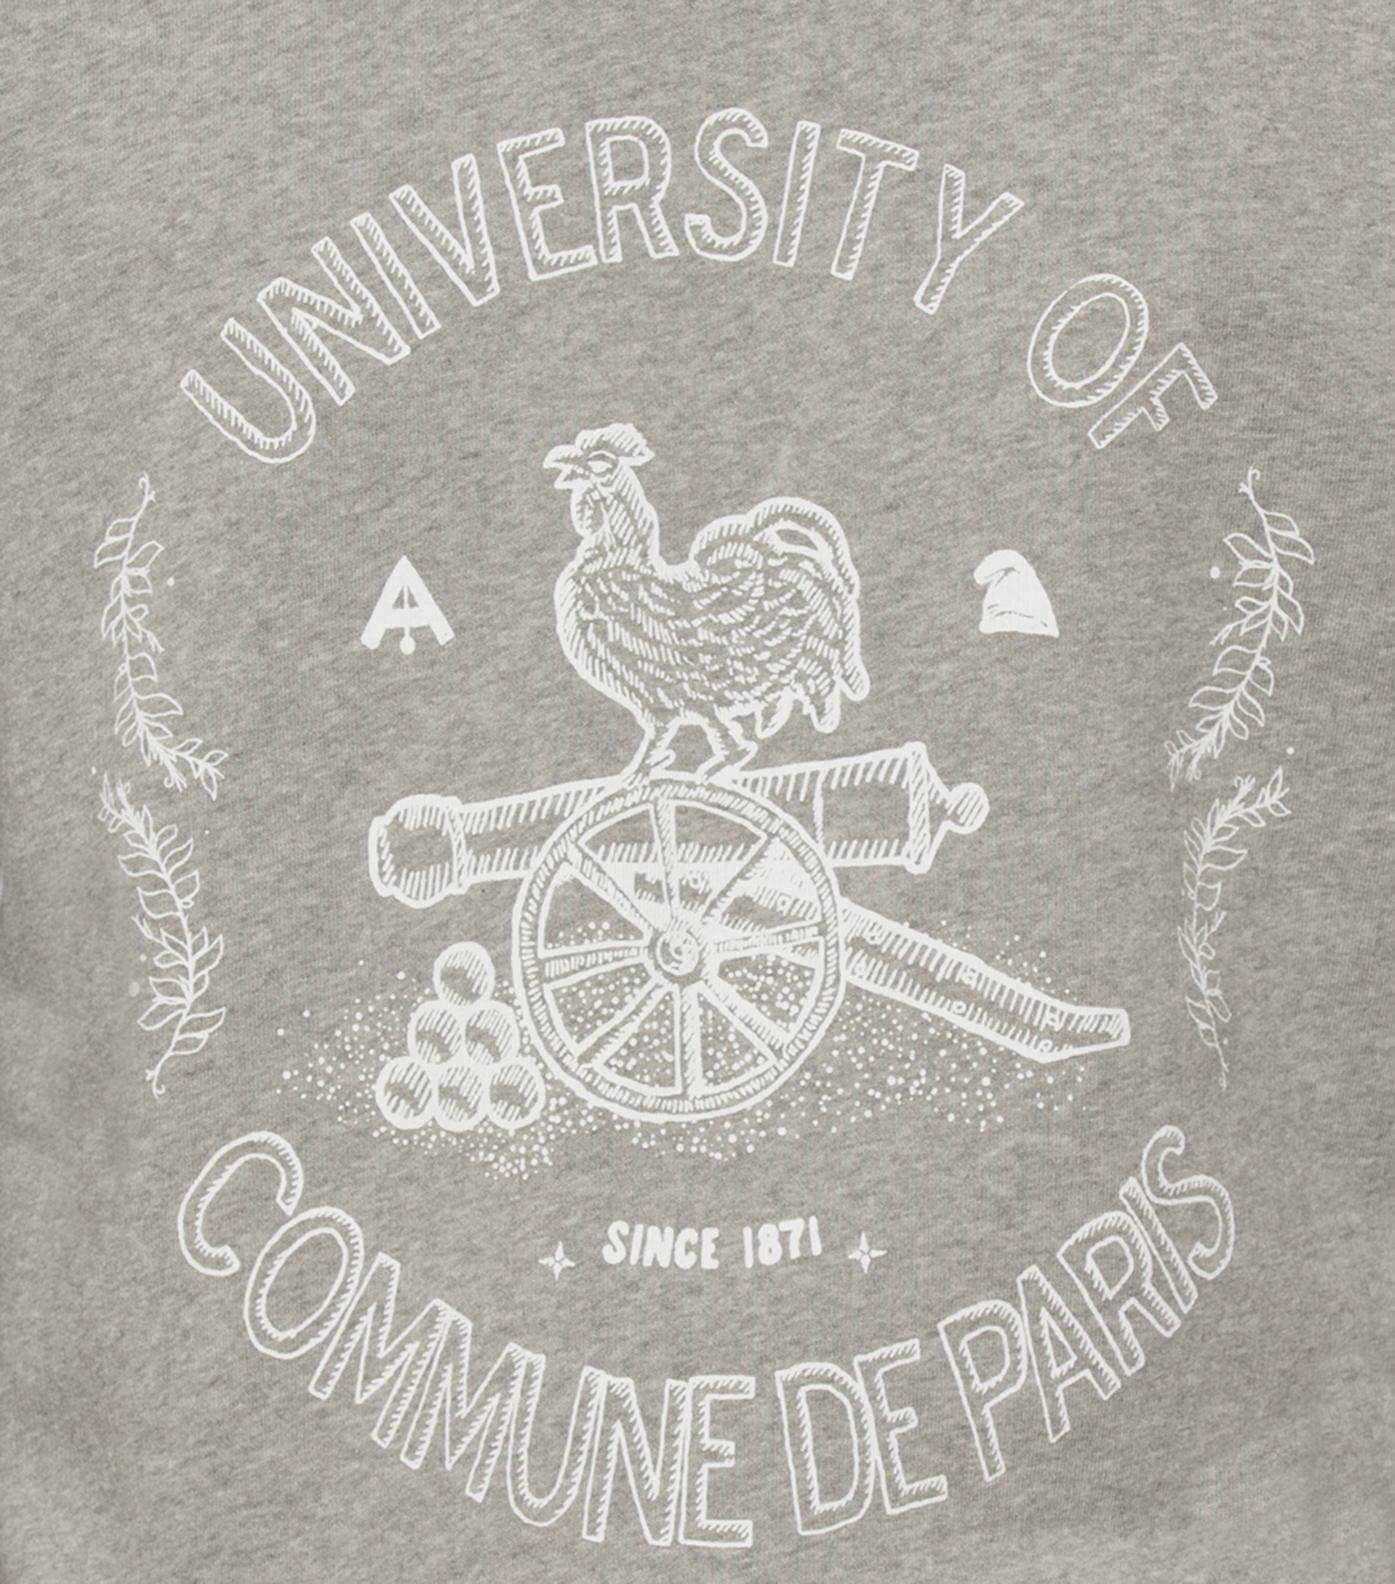 Sweatshirt University - Marl grey